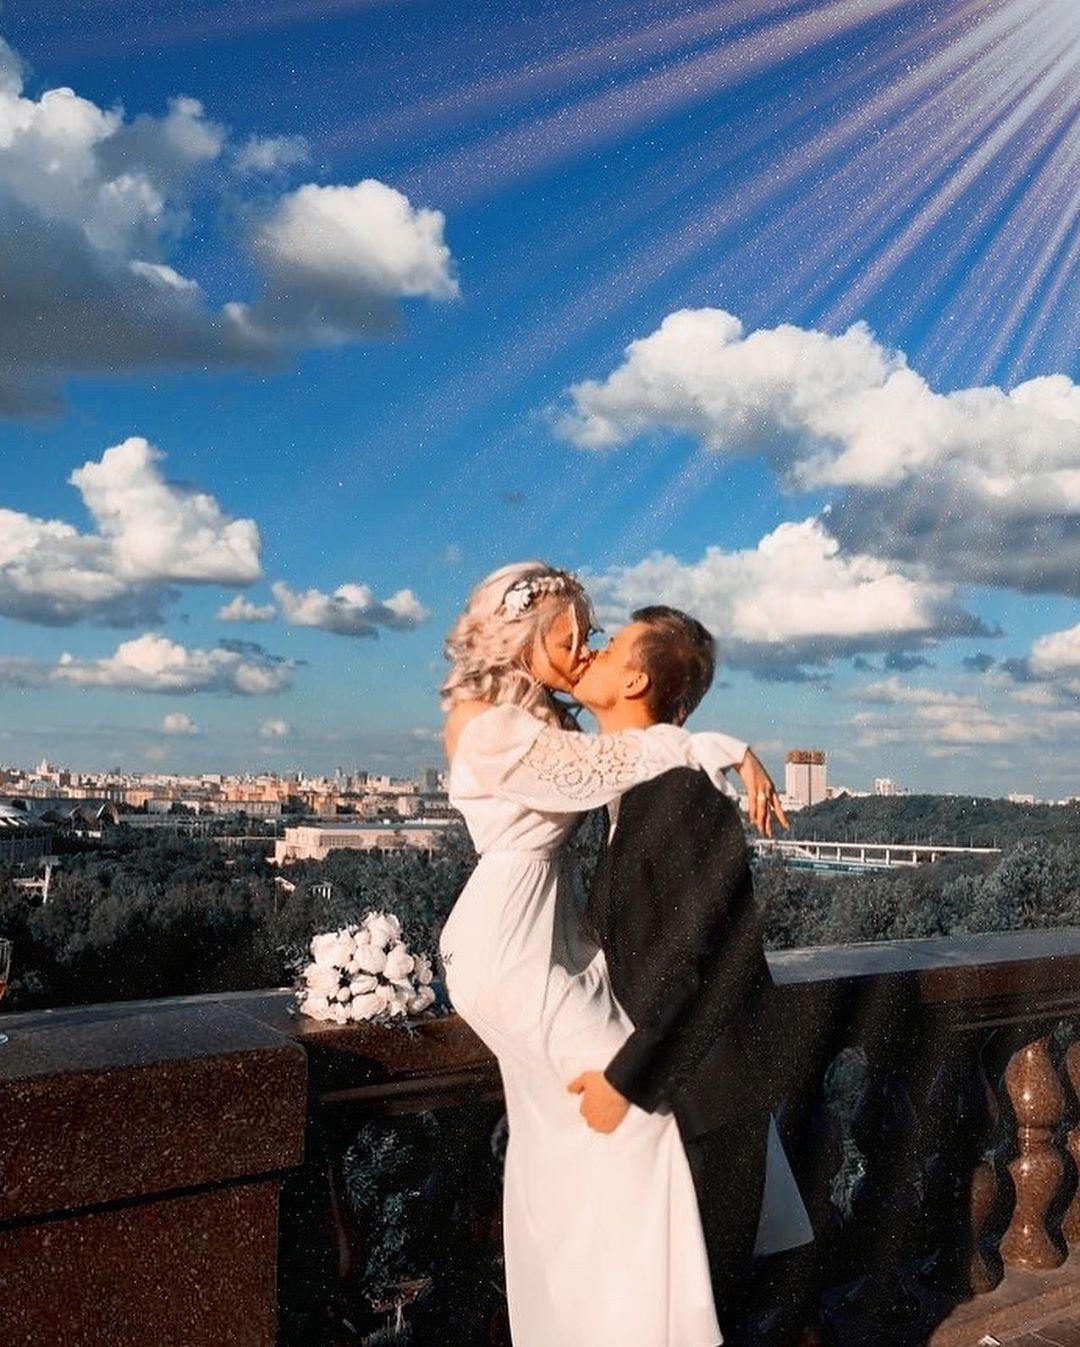 Алина Гросу вышла замуж: первые фото со свадьбы